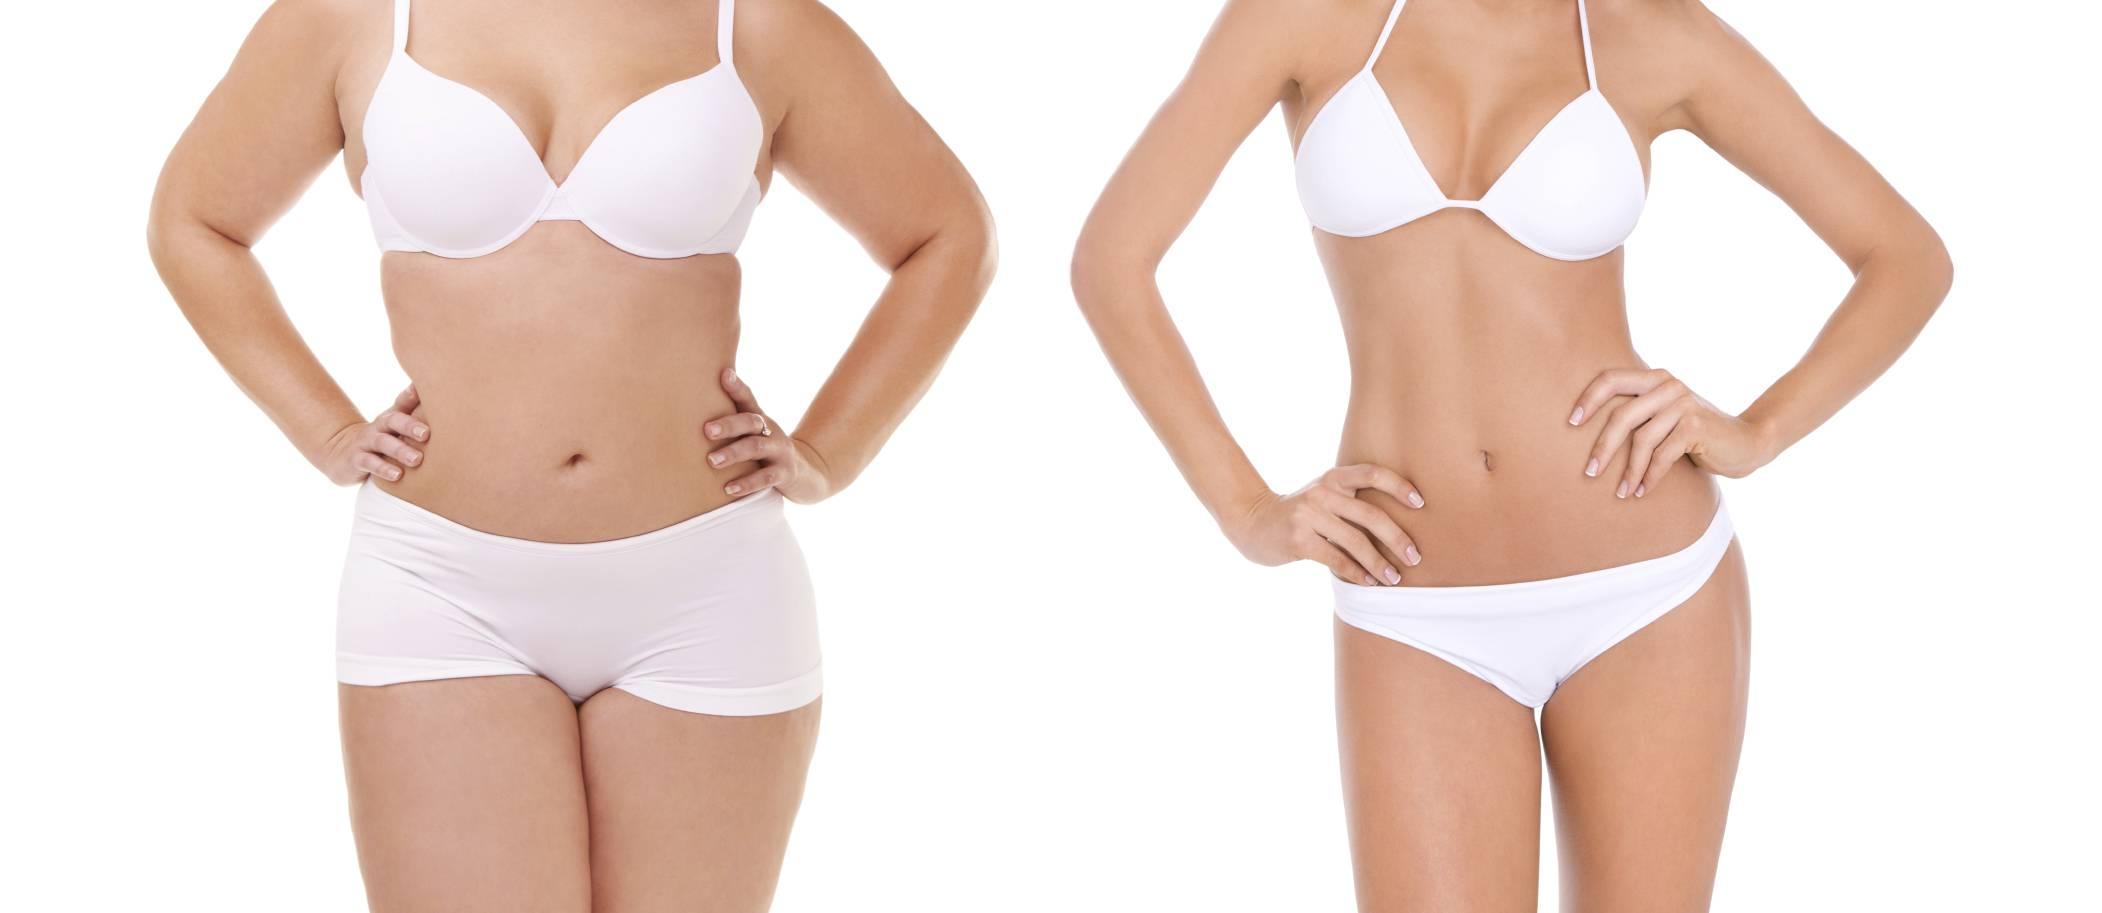 Dieta: l'alimentazione più efficace dello sport per dimagrire